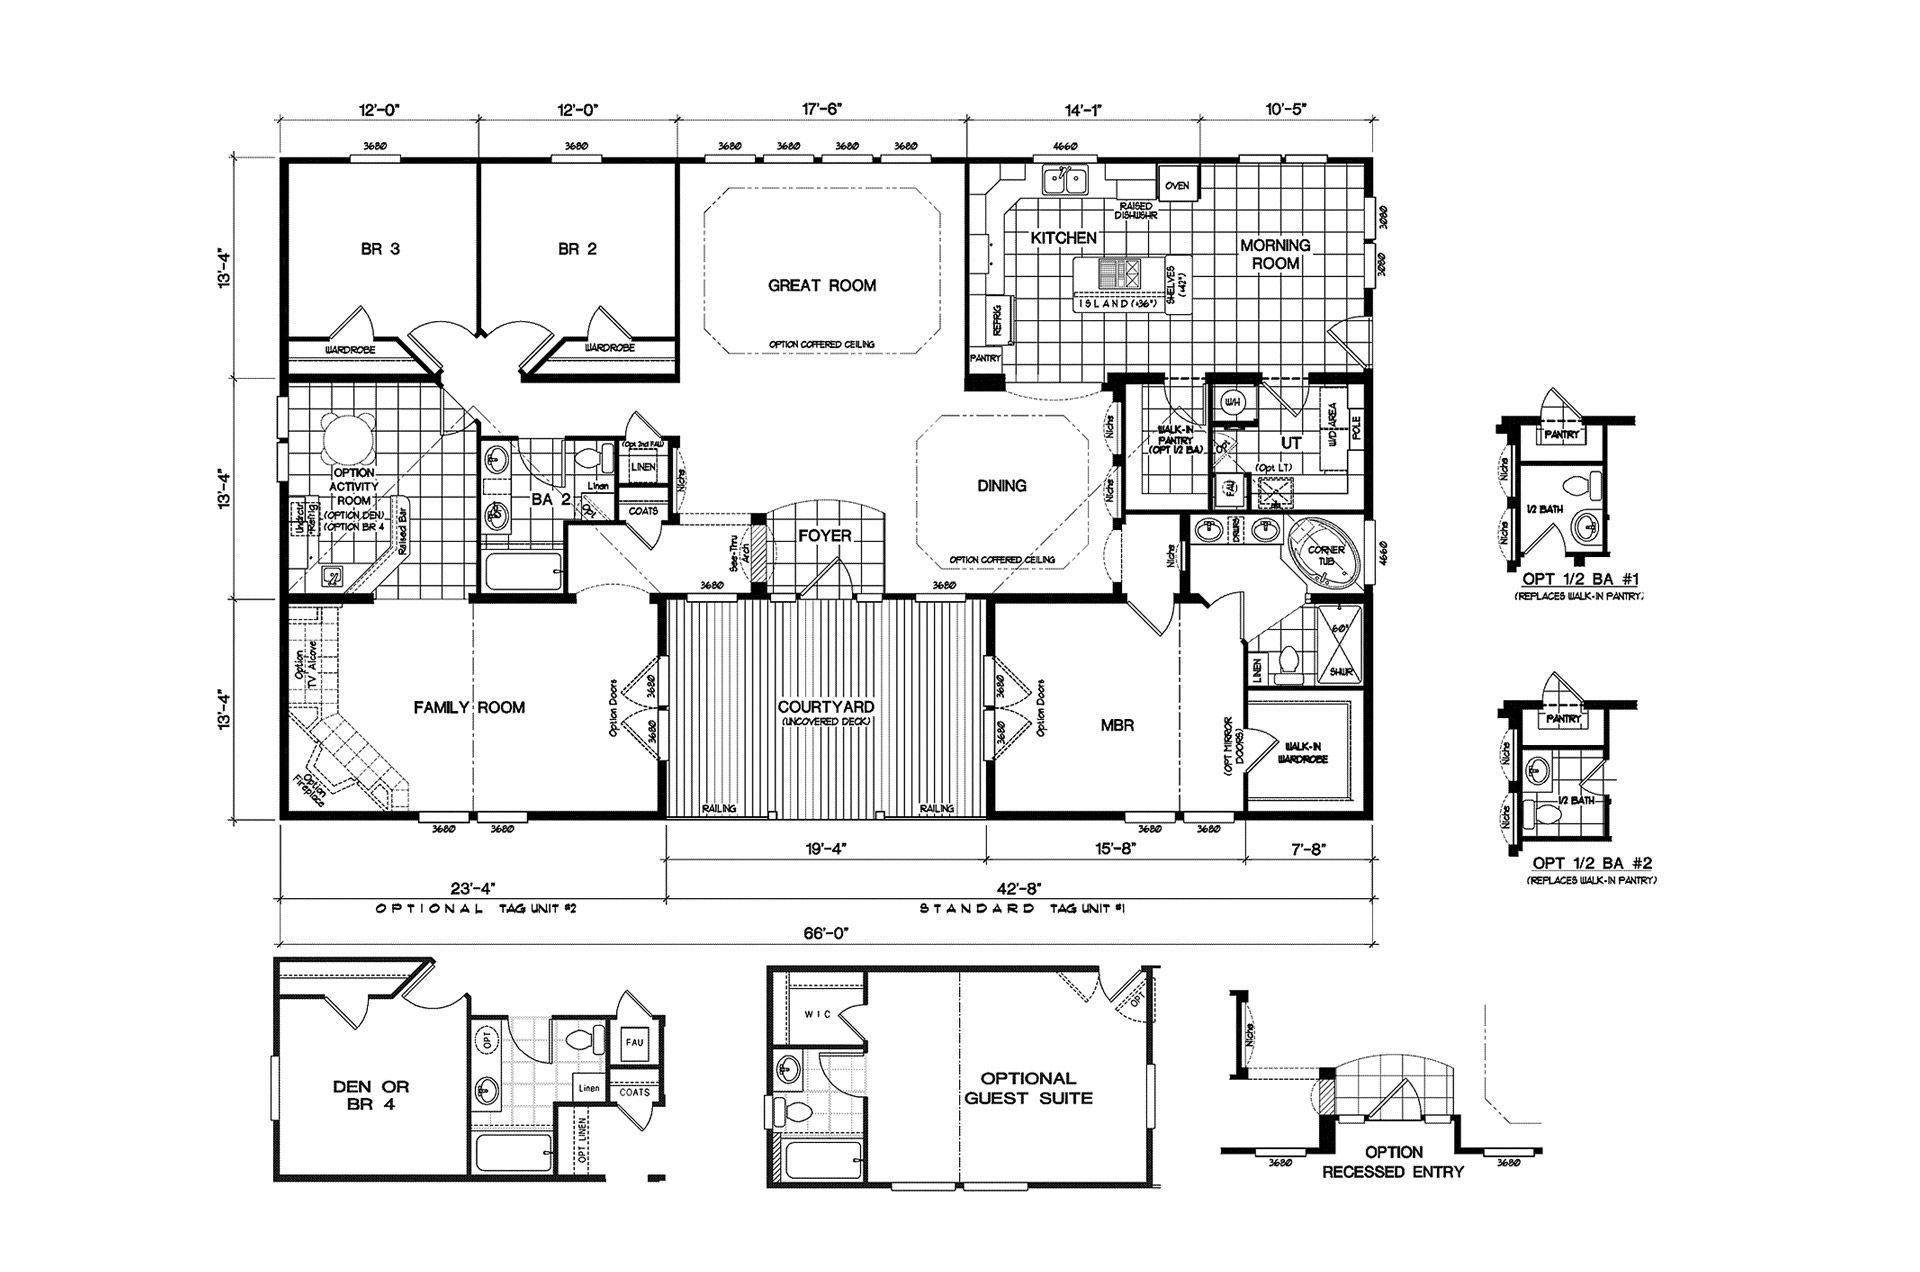 quadruple wide mobile home floor plans Google Search